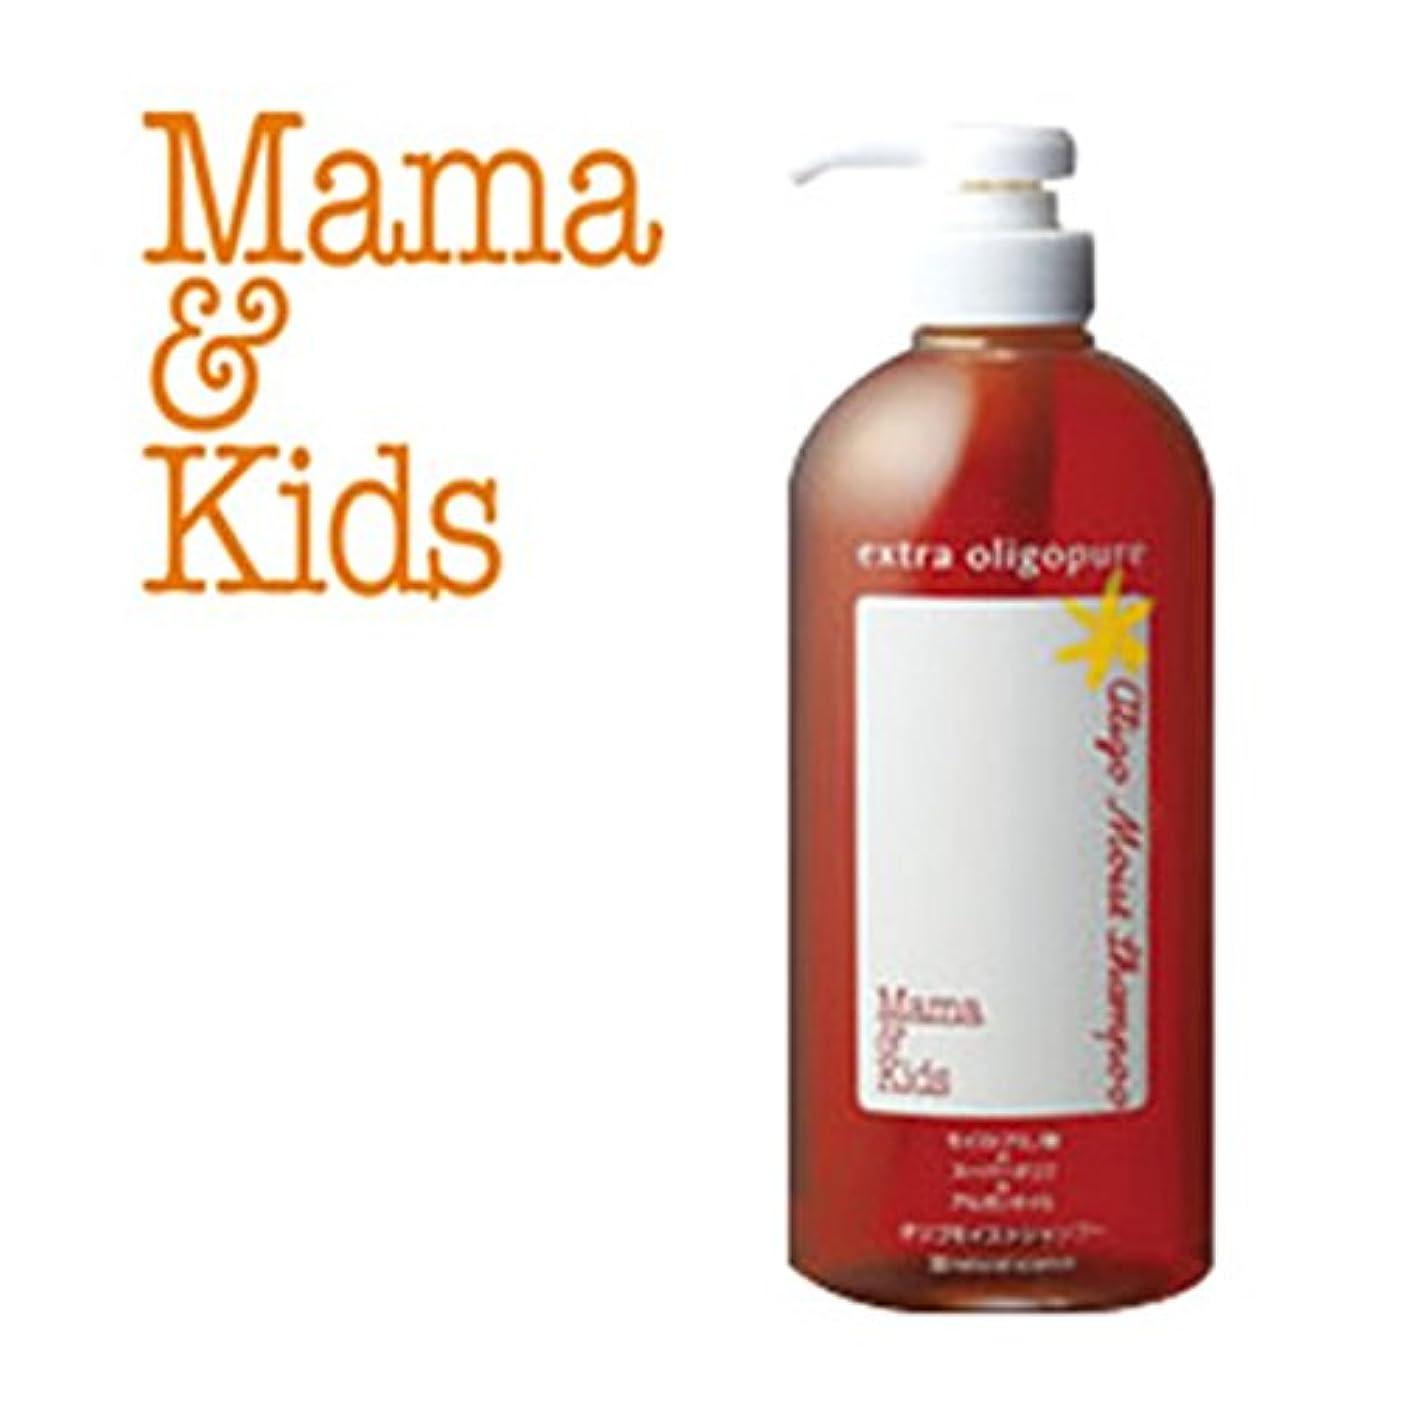 ピカリング急降下石膏ママ&キッズ オリゴモイストシャンプー720ML/Mama&Kids Oligo Moist Shampoo/洗发水